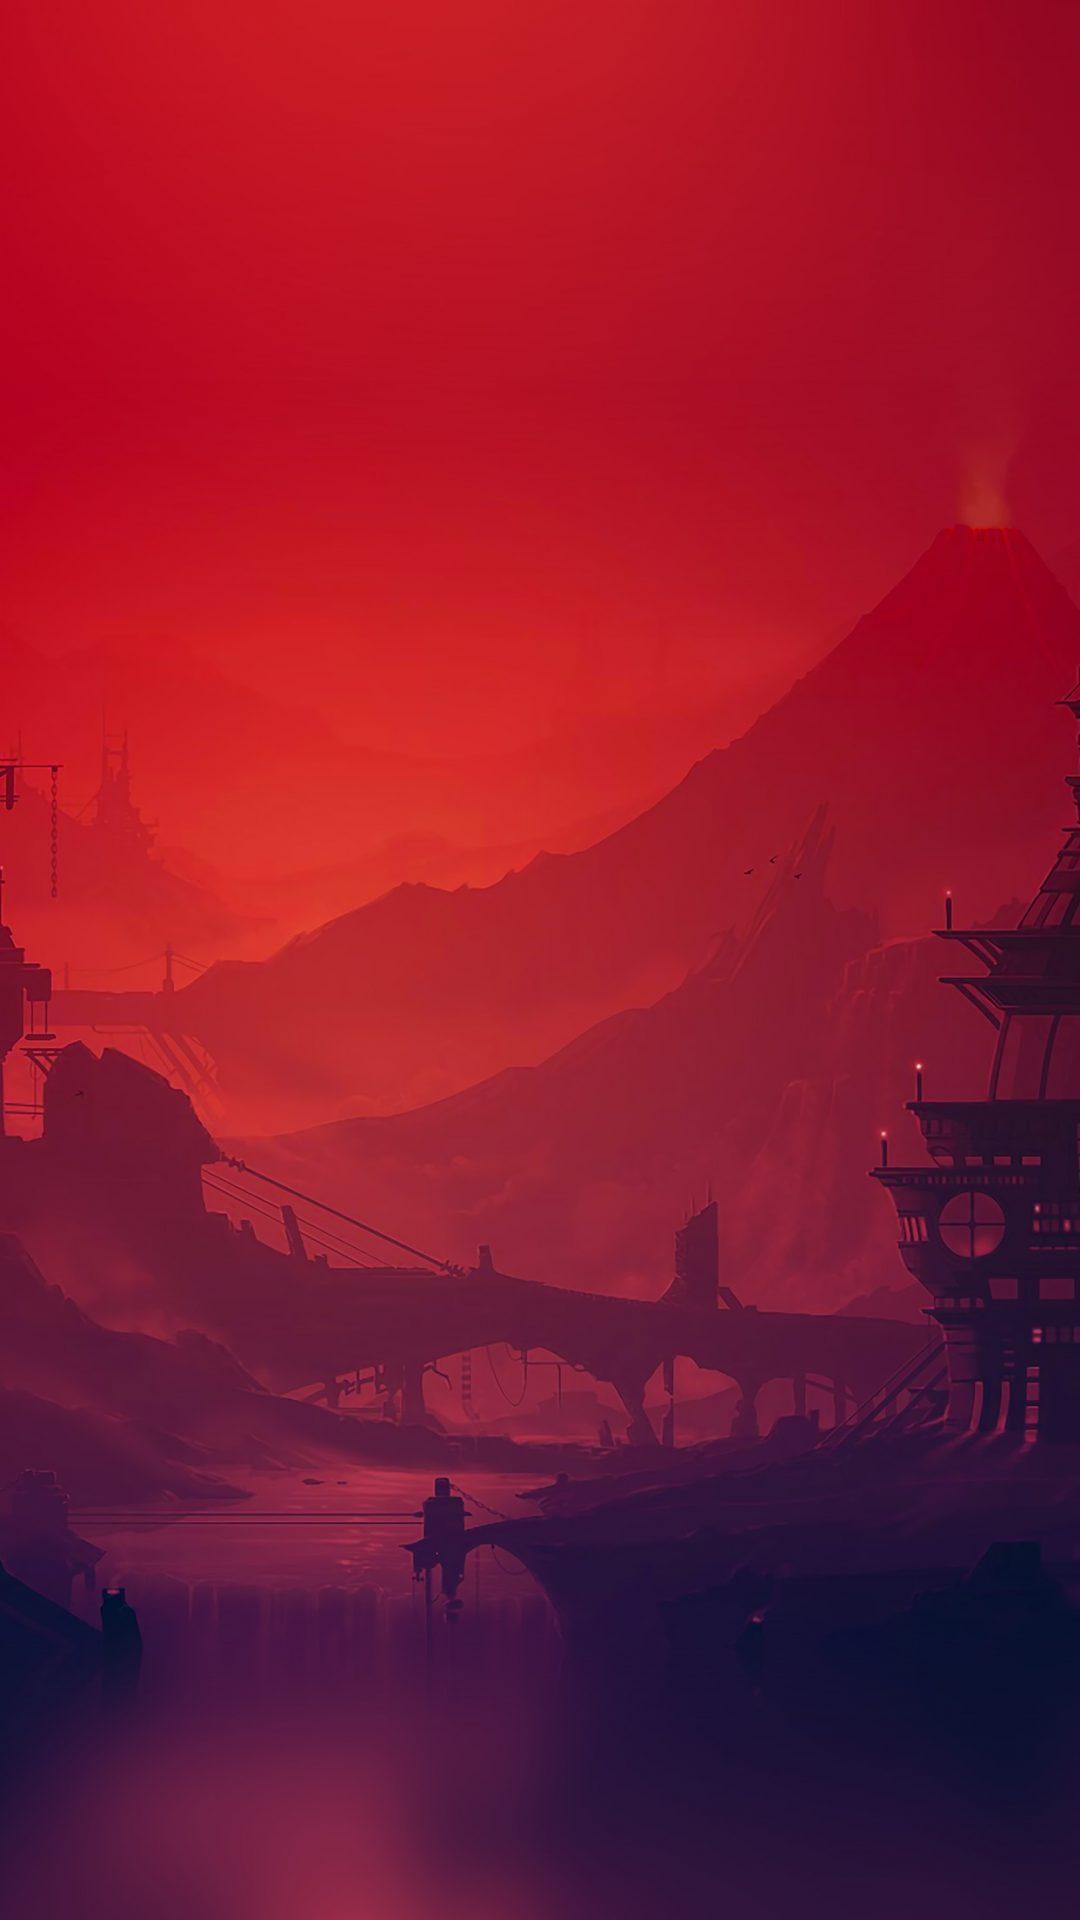 Red River Illustration Art Anime